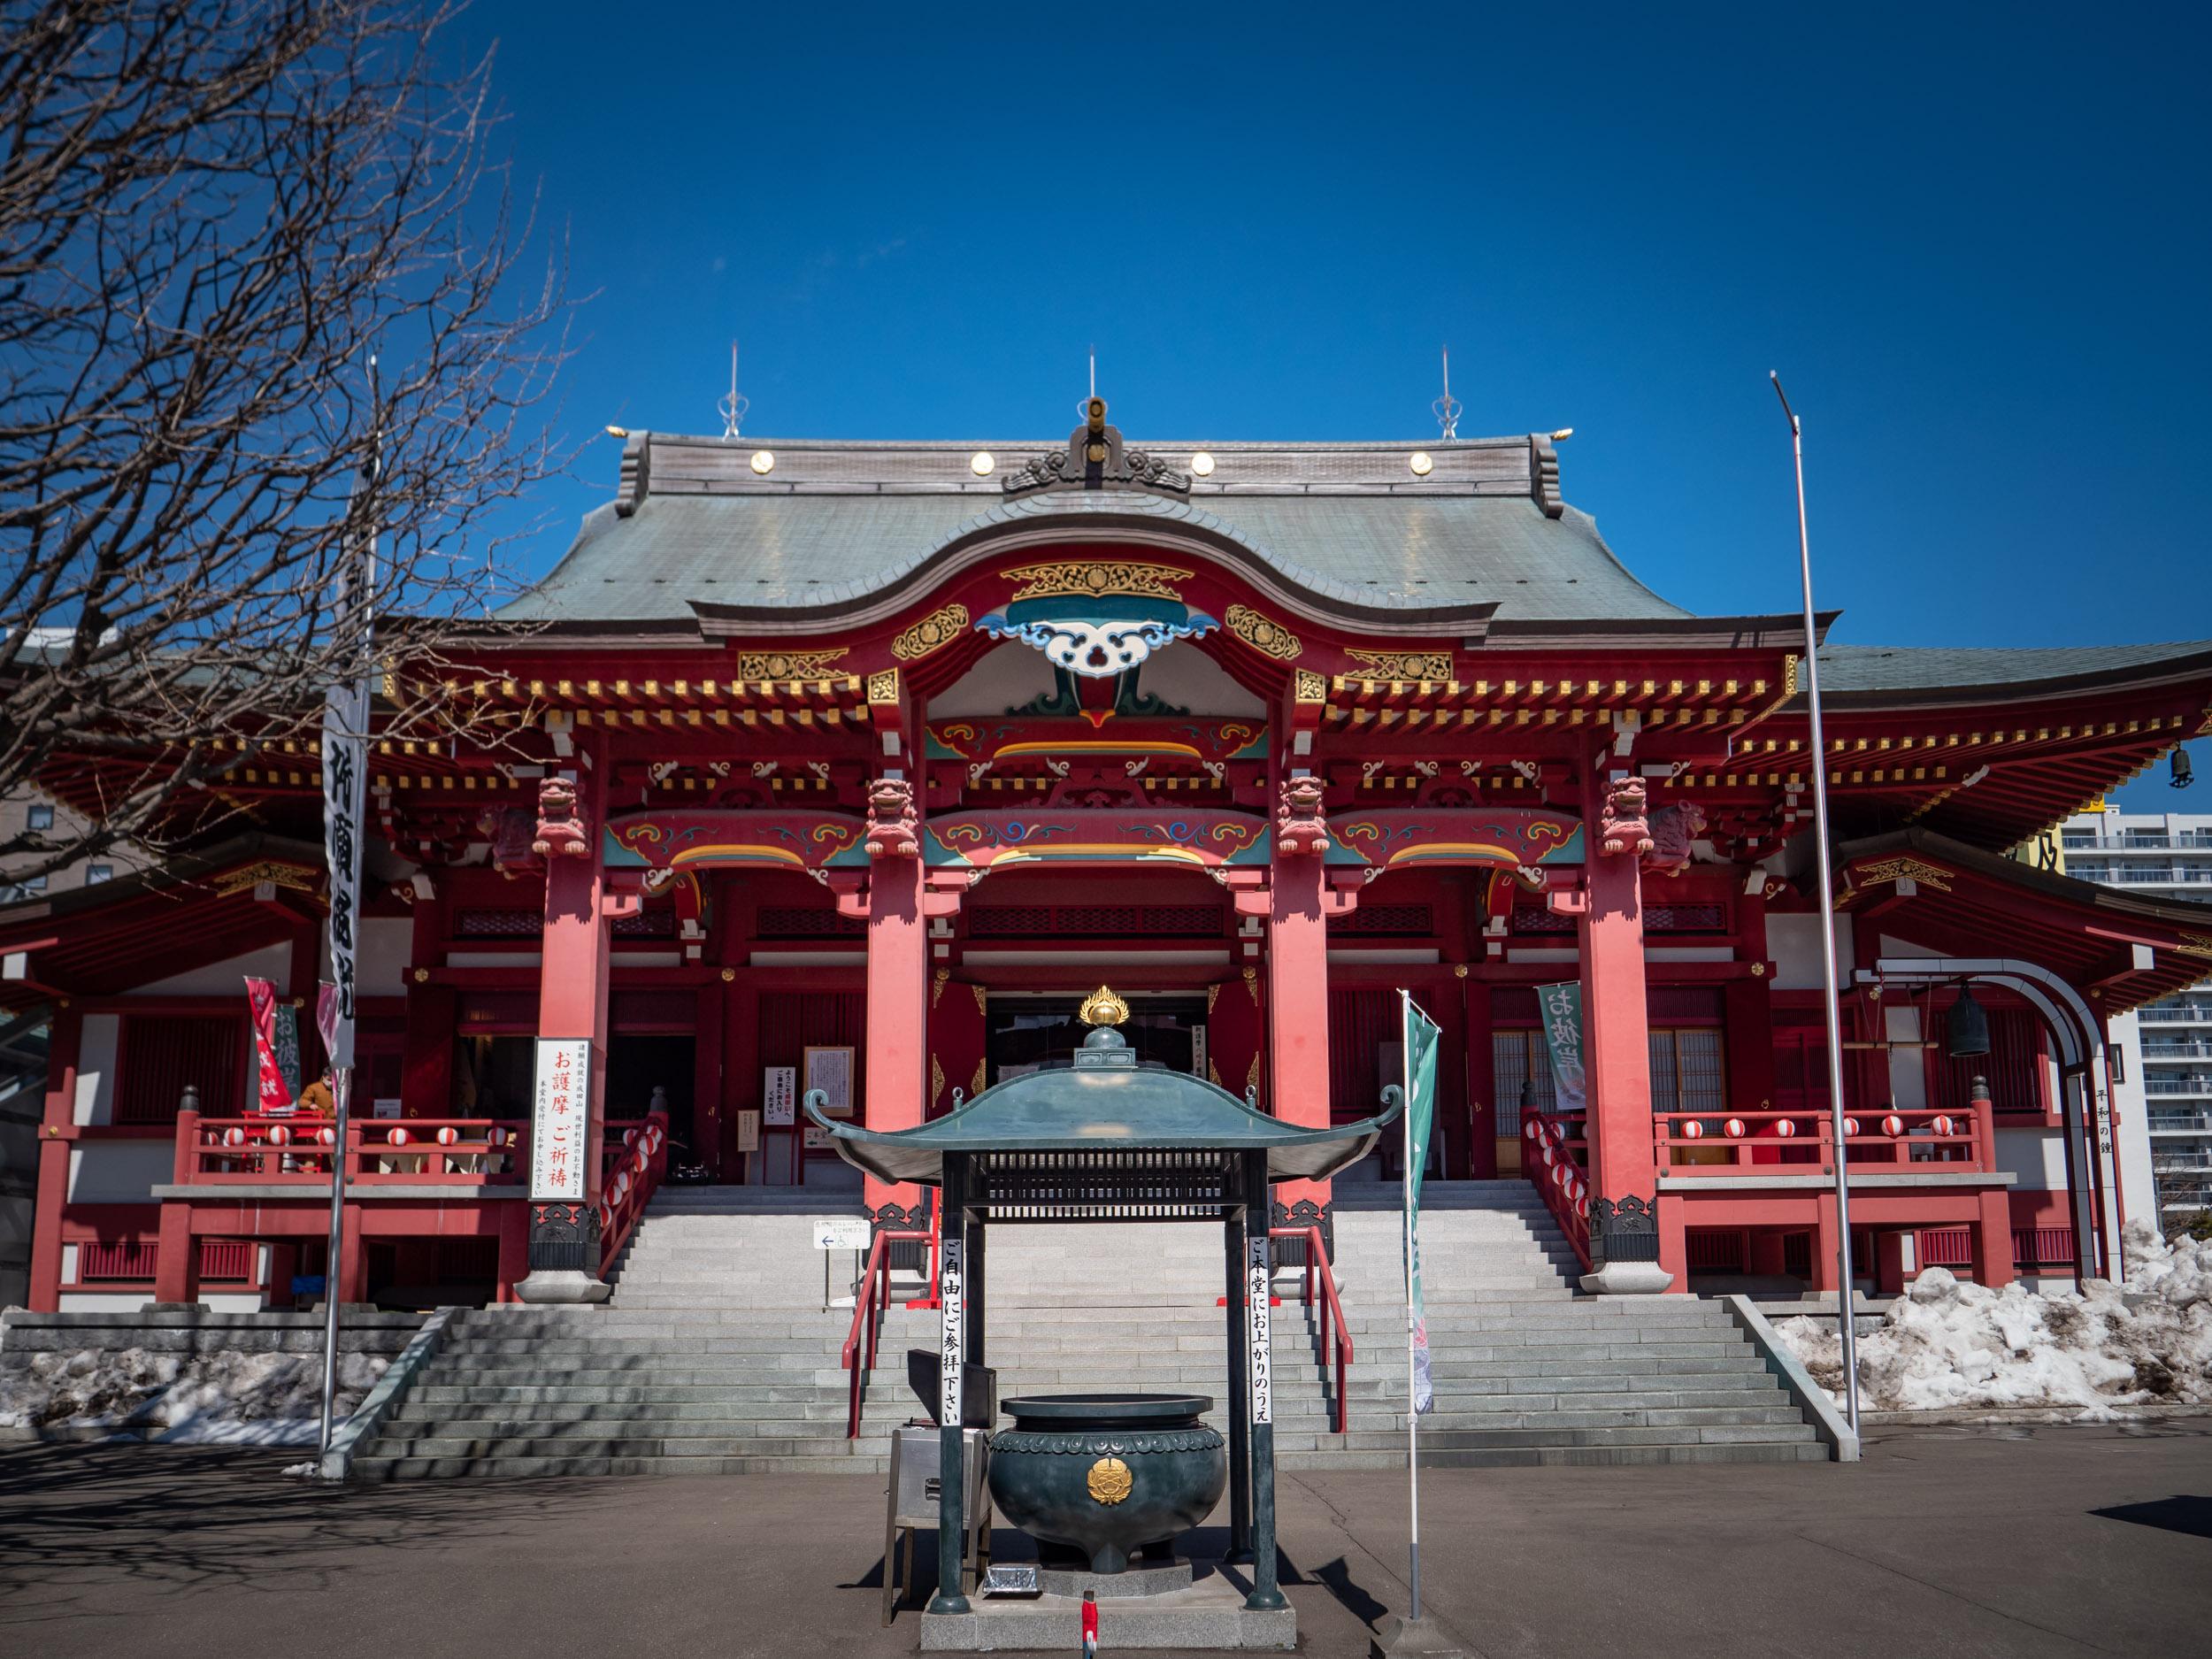 別院というよりビルの谷間別世界な成田山札幌別院新栄寺の門構え DMC-GX8 + LEICA DG 12-60mm